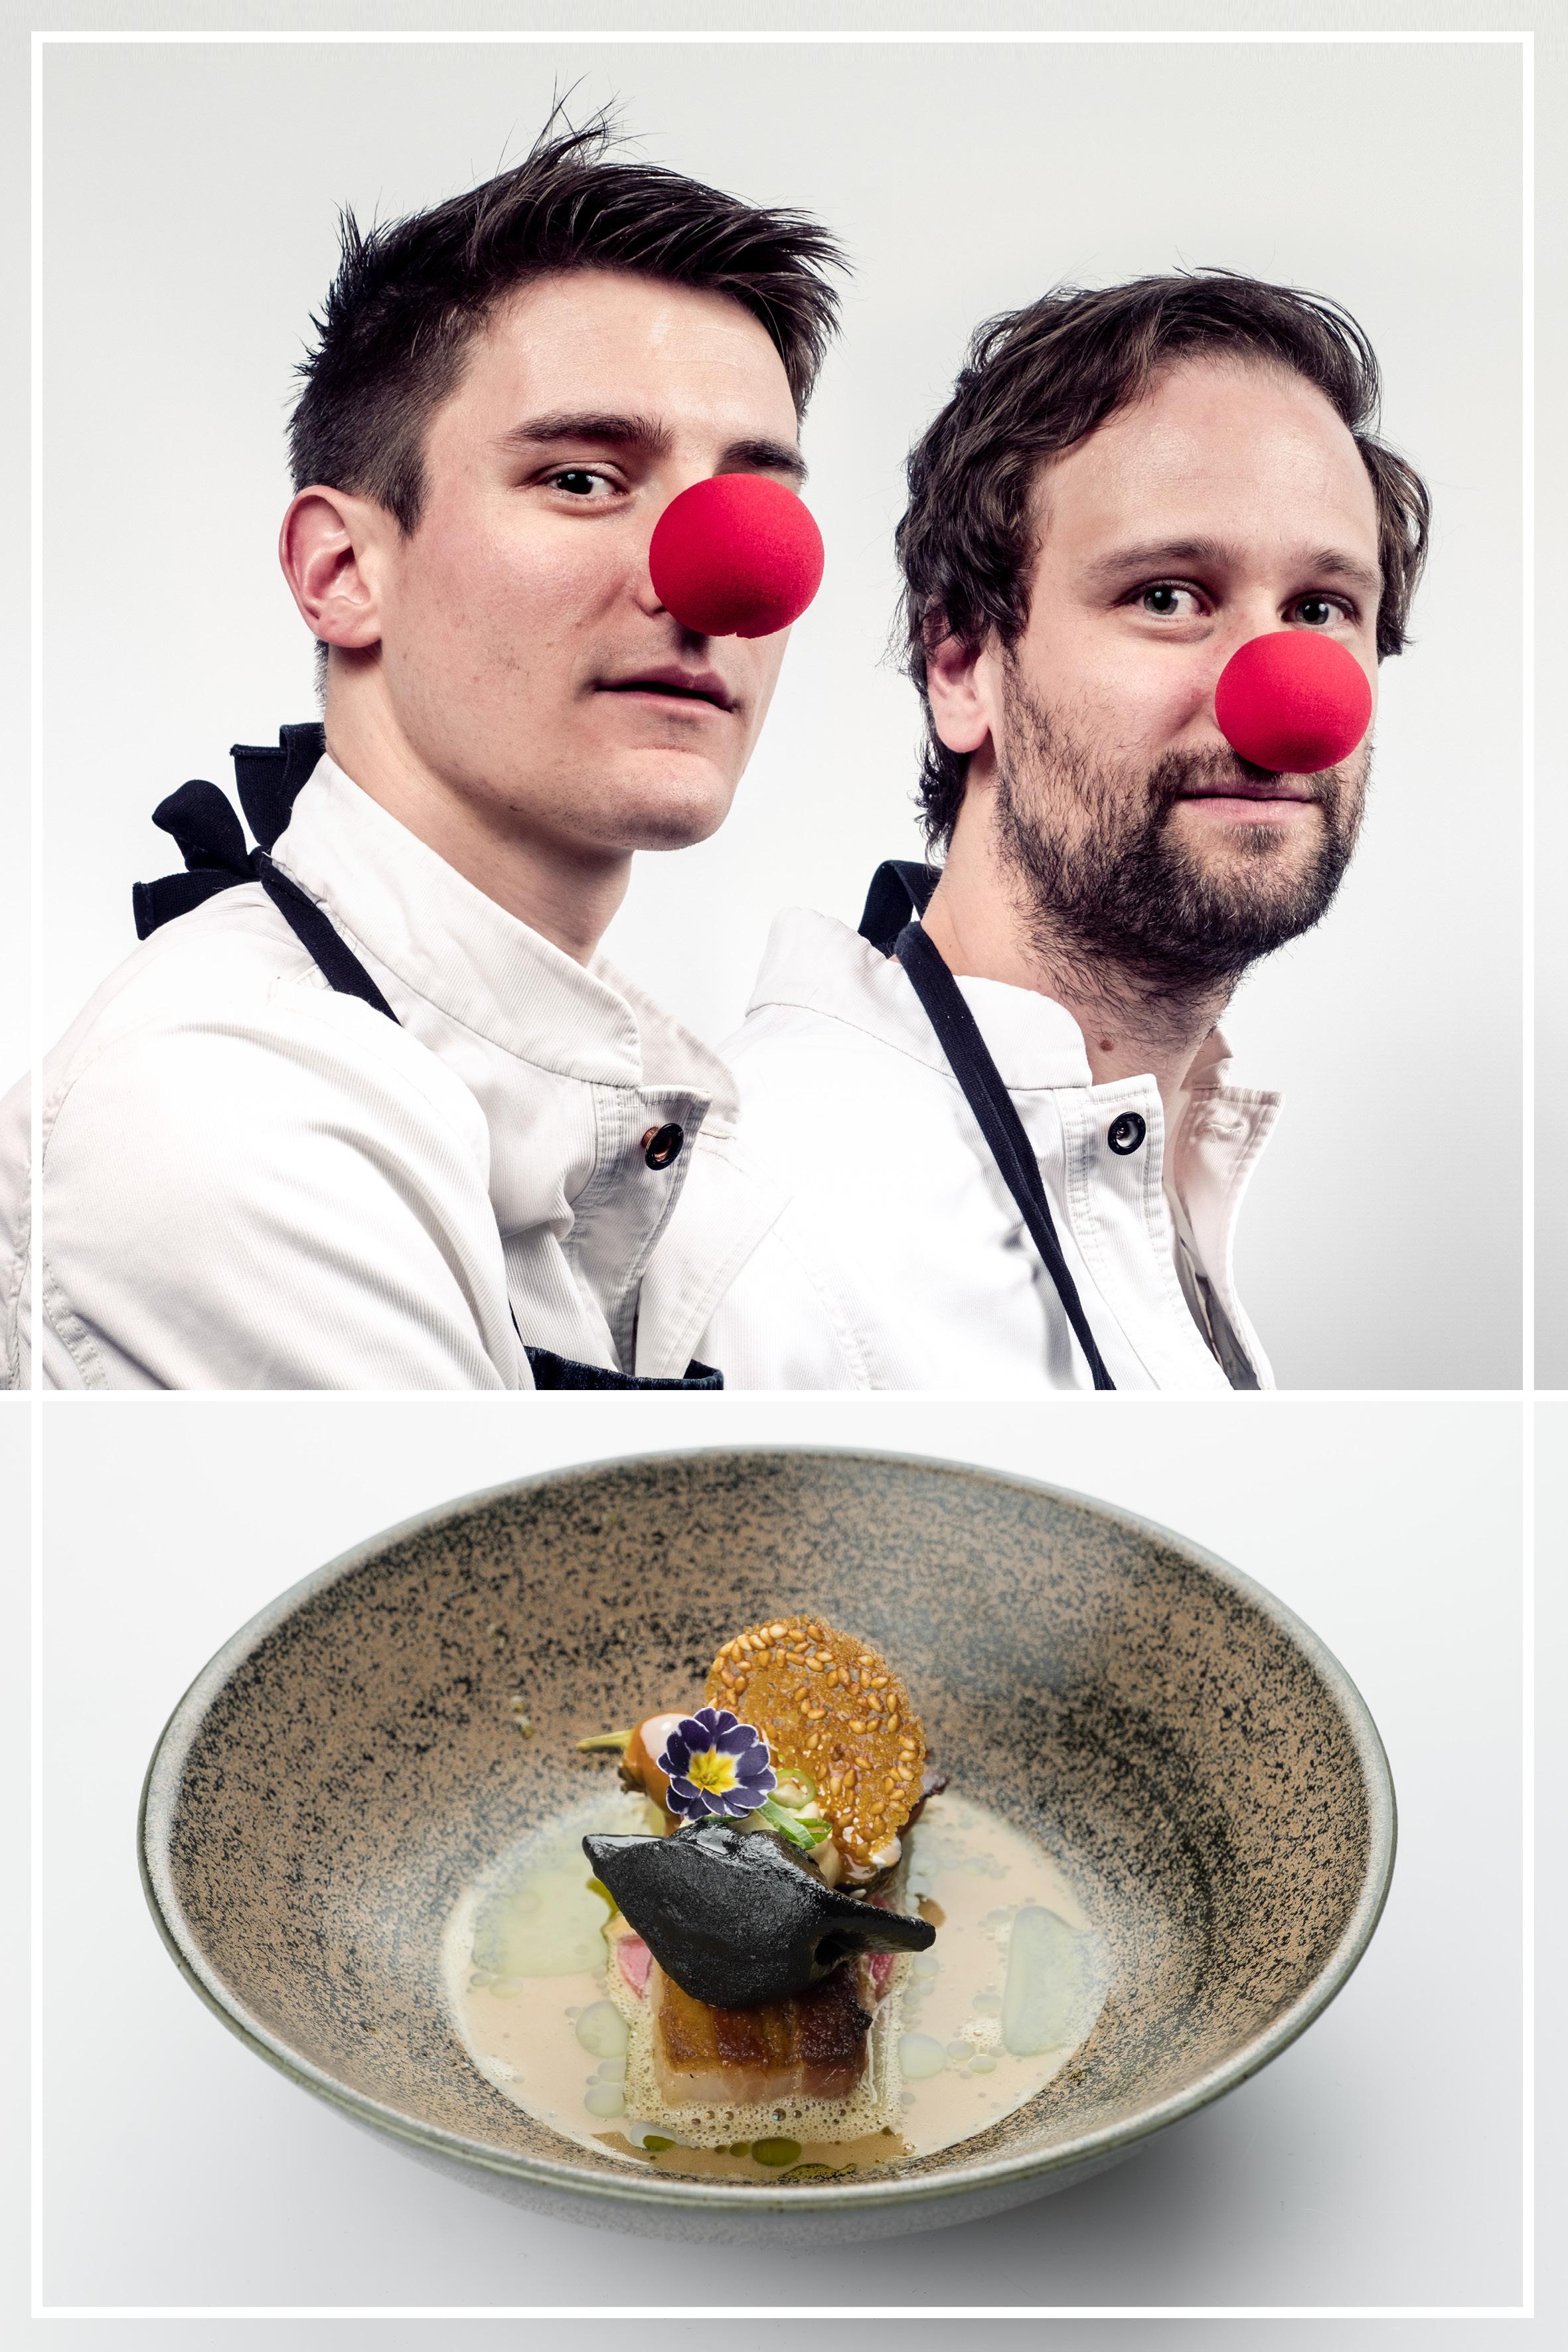 tommy den hartog restaurant moon jaimie van heije koken voor cliniclowns